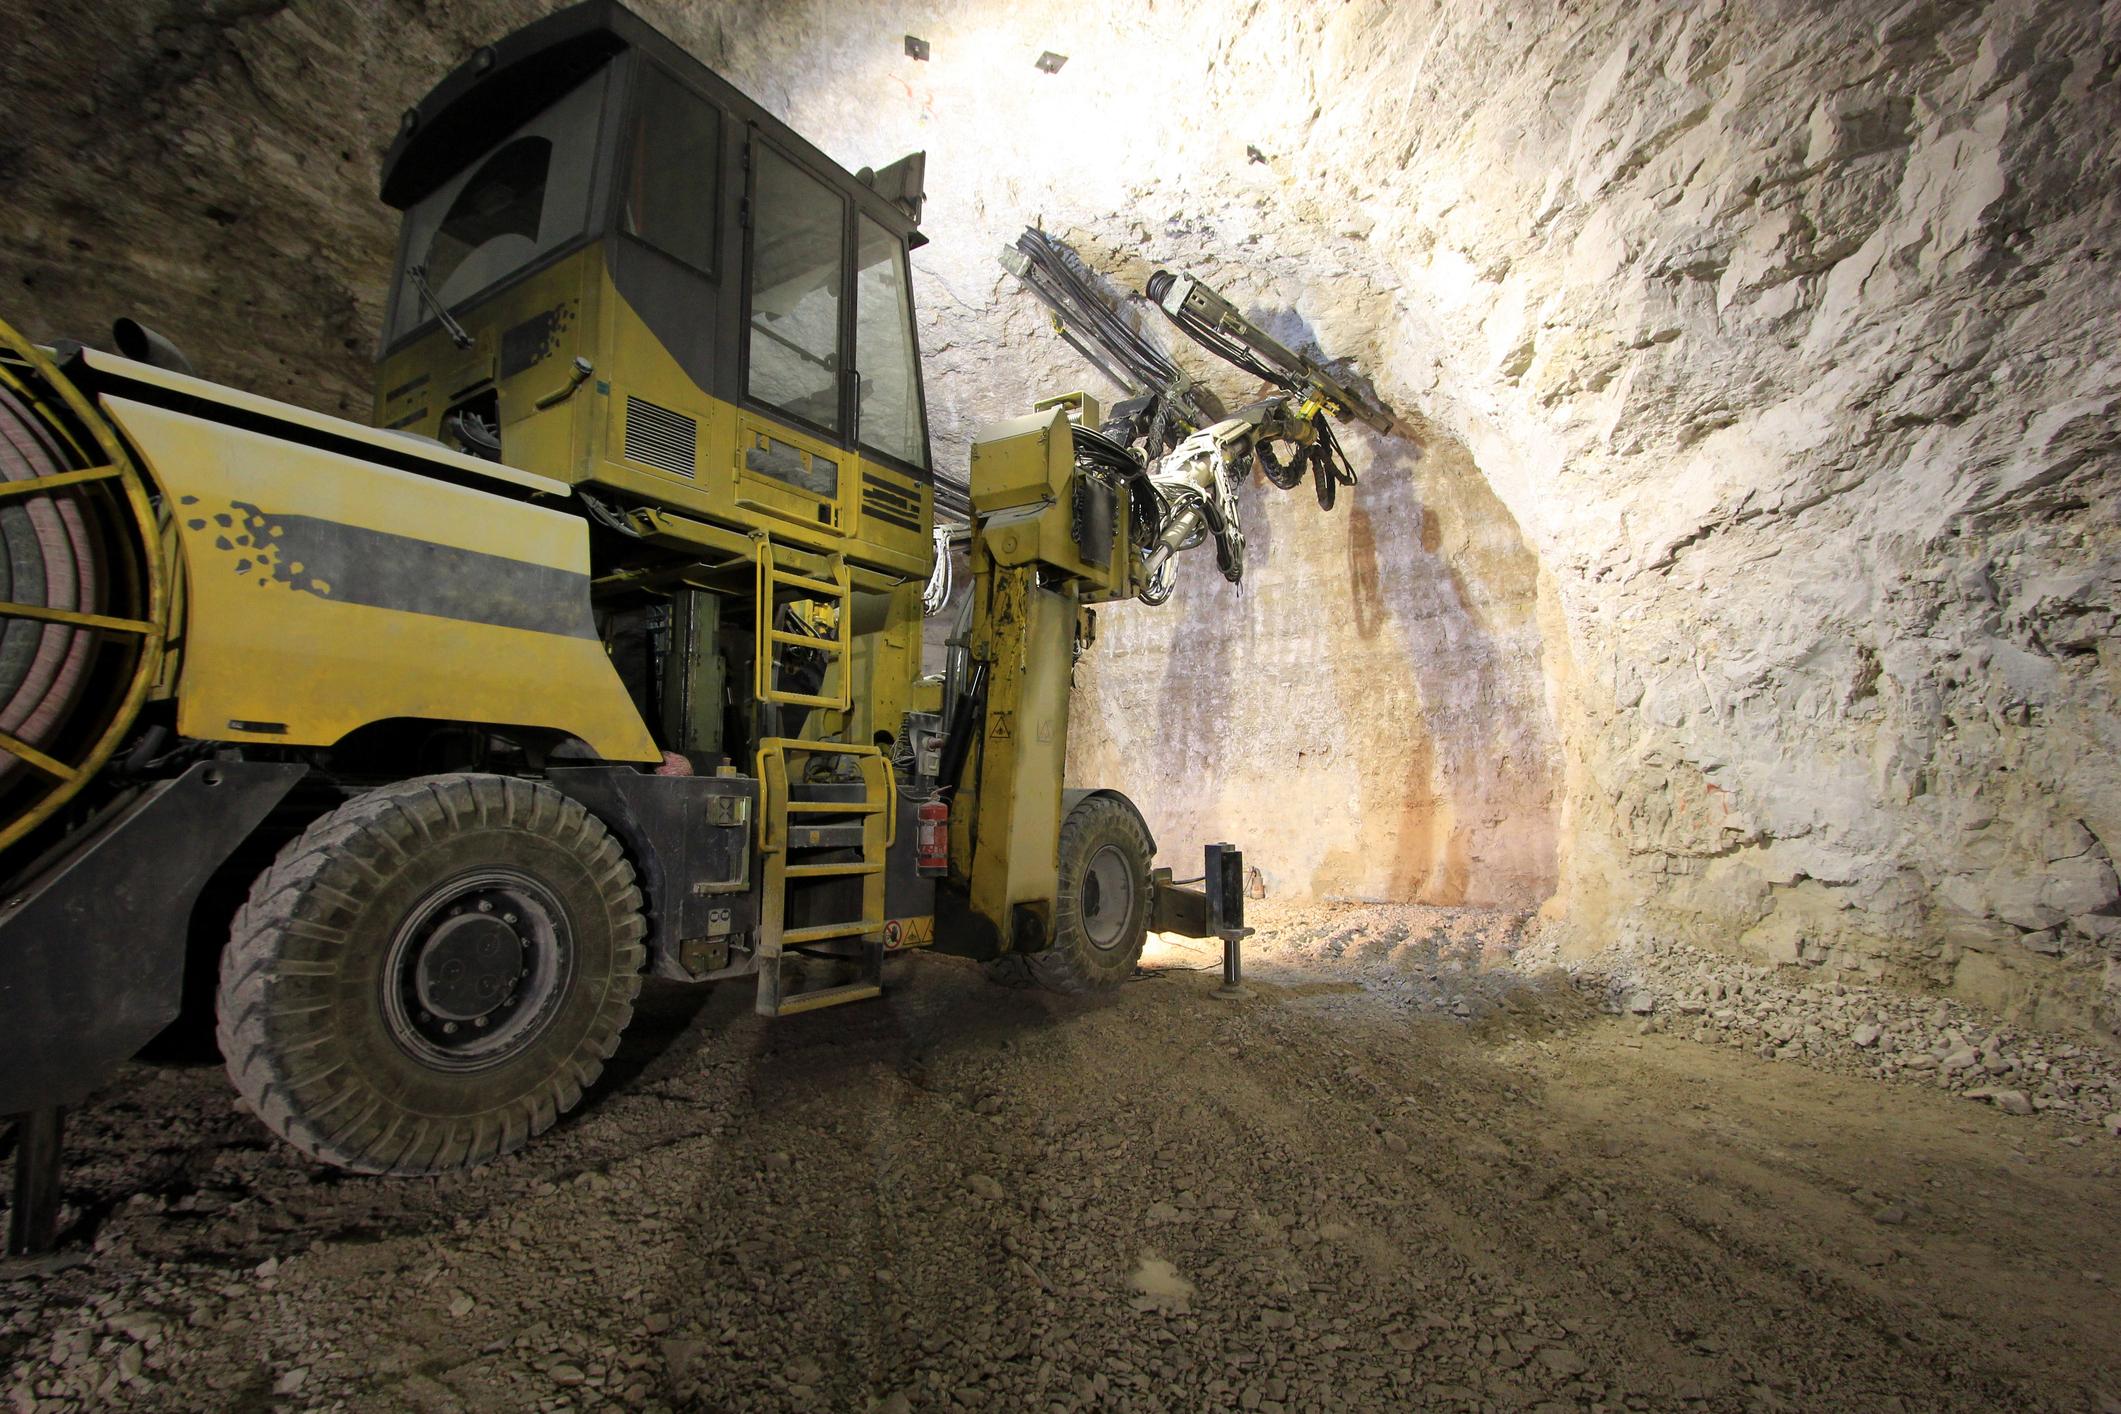 An underground excavator mining precious metals.